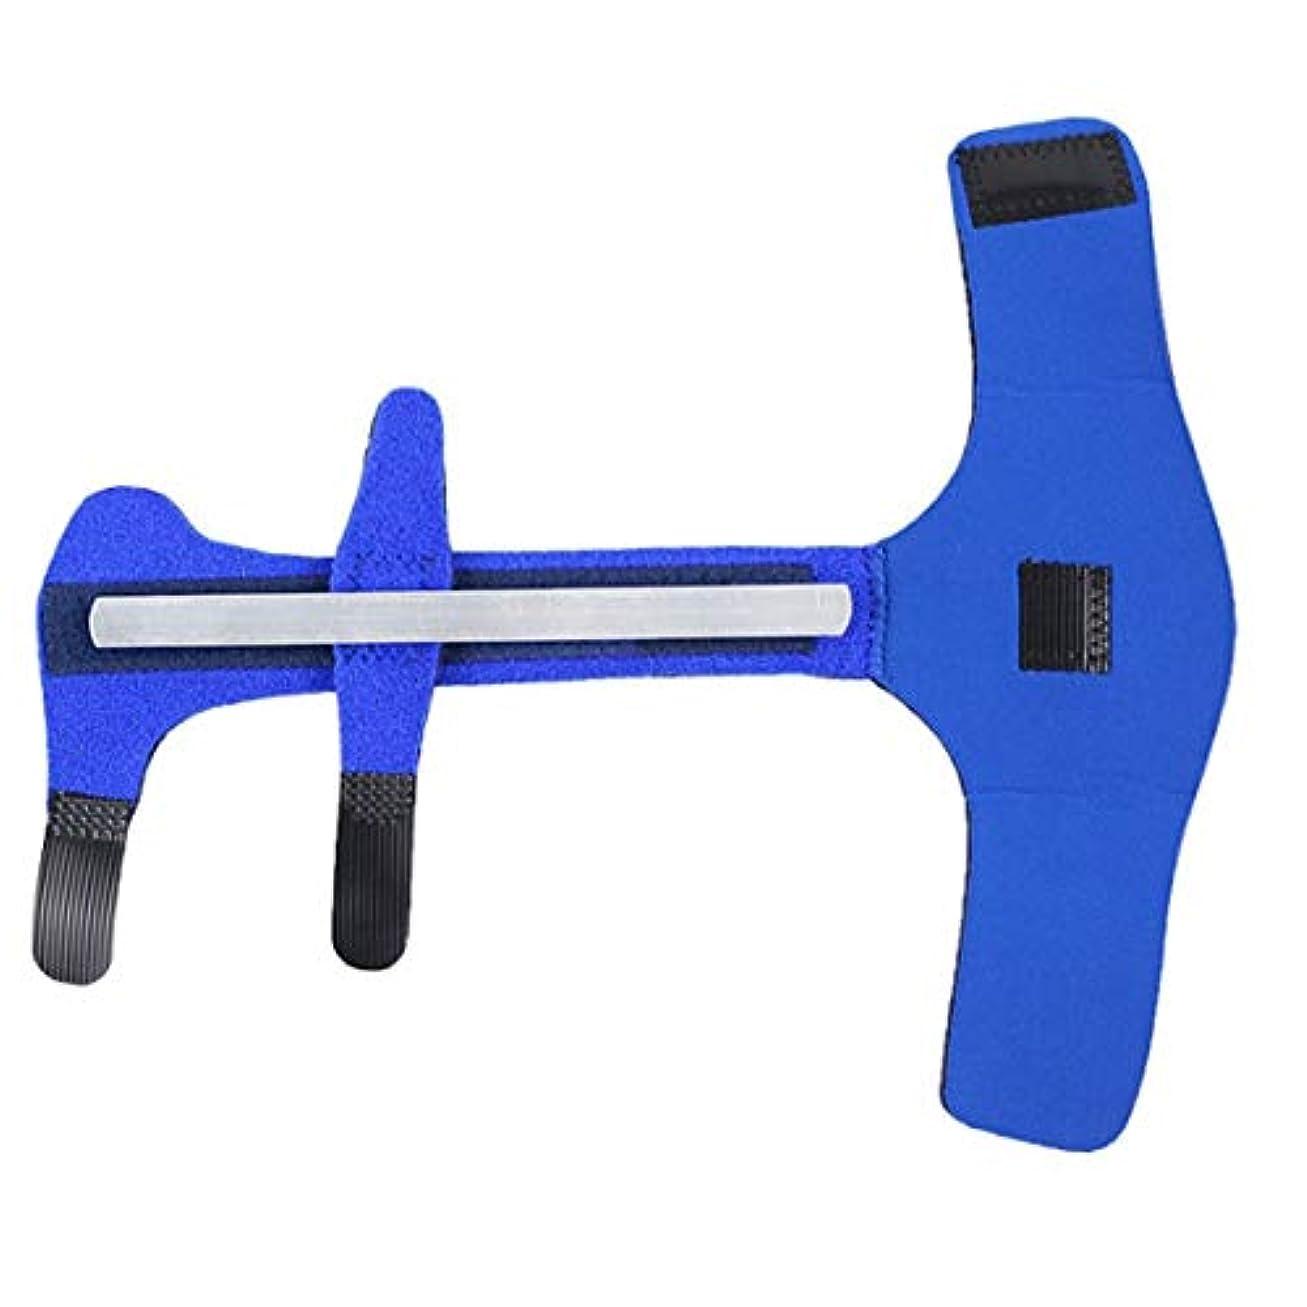 学部赤面納税者Quzama-JS スマート1 xブルーフィンガーエクステンションスプリントは、可鍛合金属ハンド矯正ブレスレットをトリガ(None Picture Color)